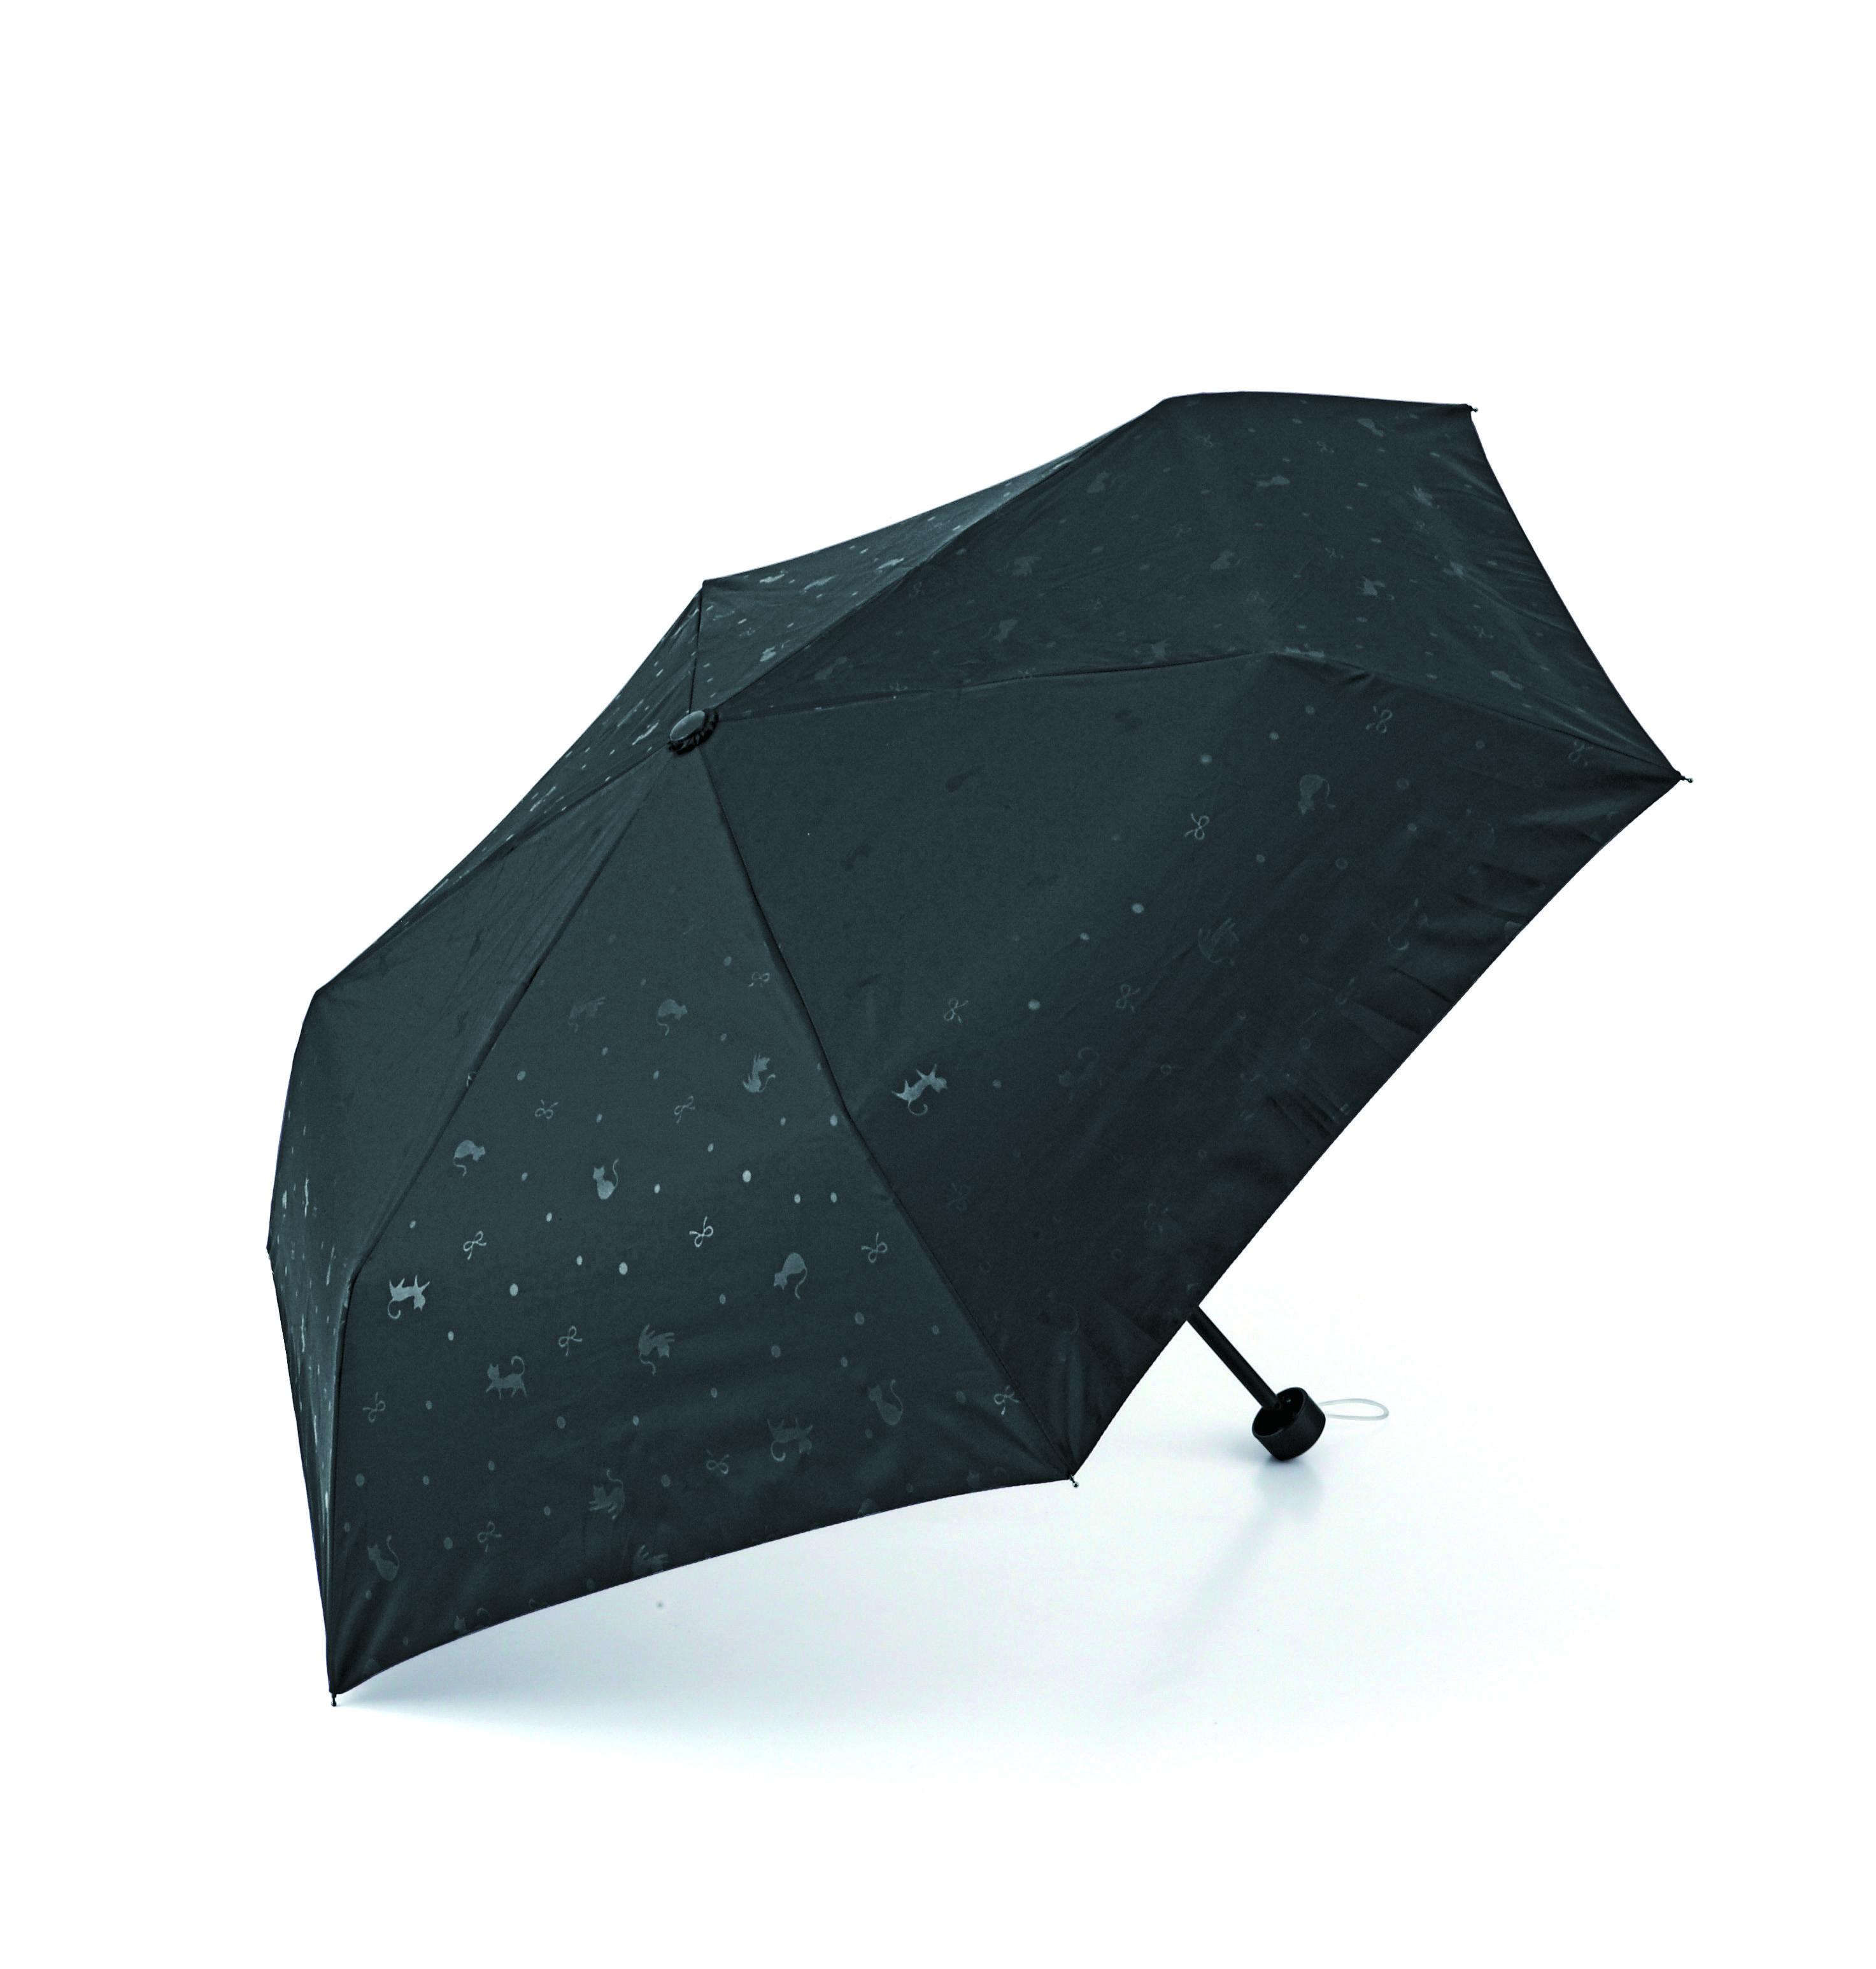 日傘キャンペーン